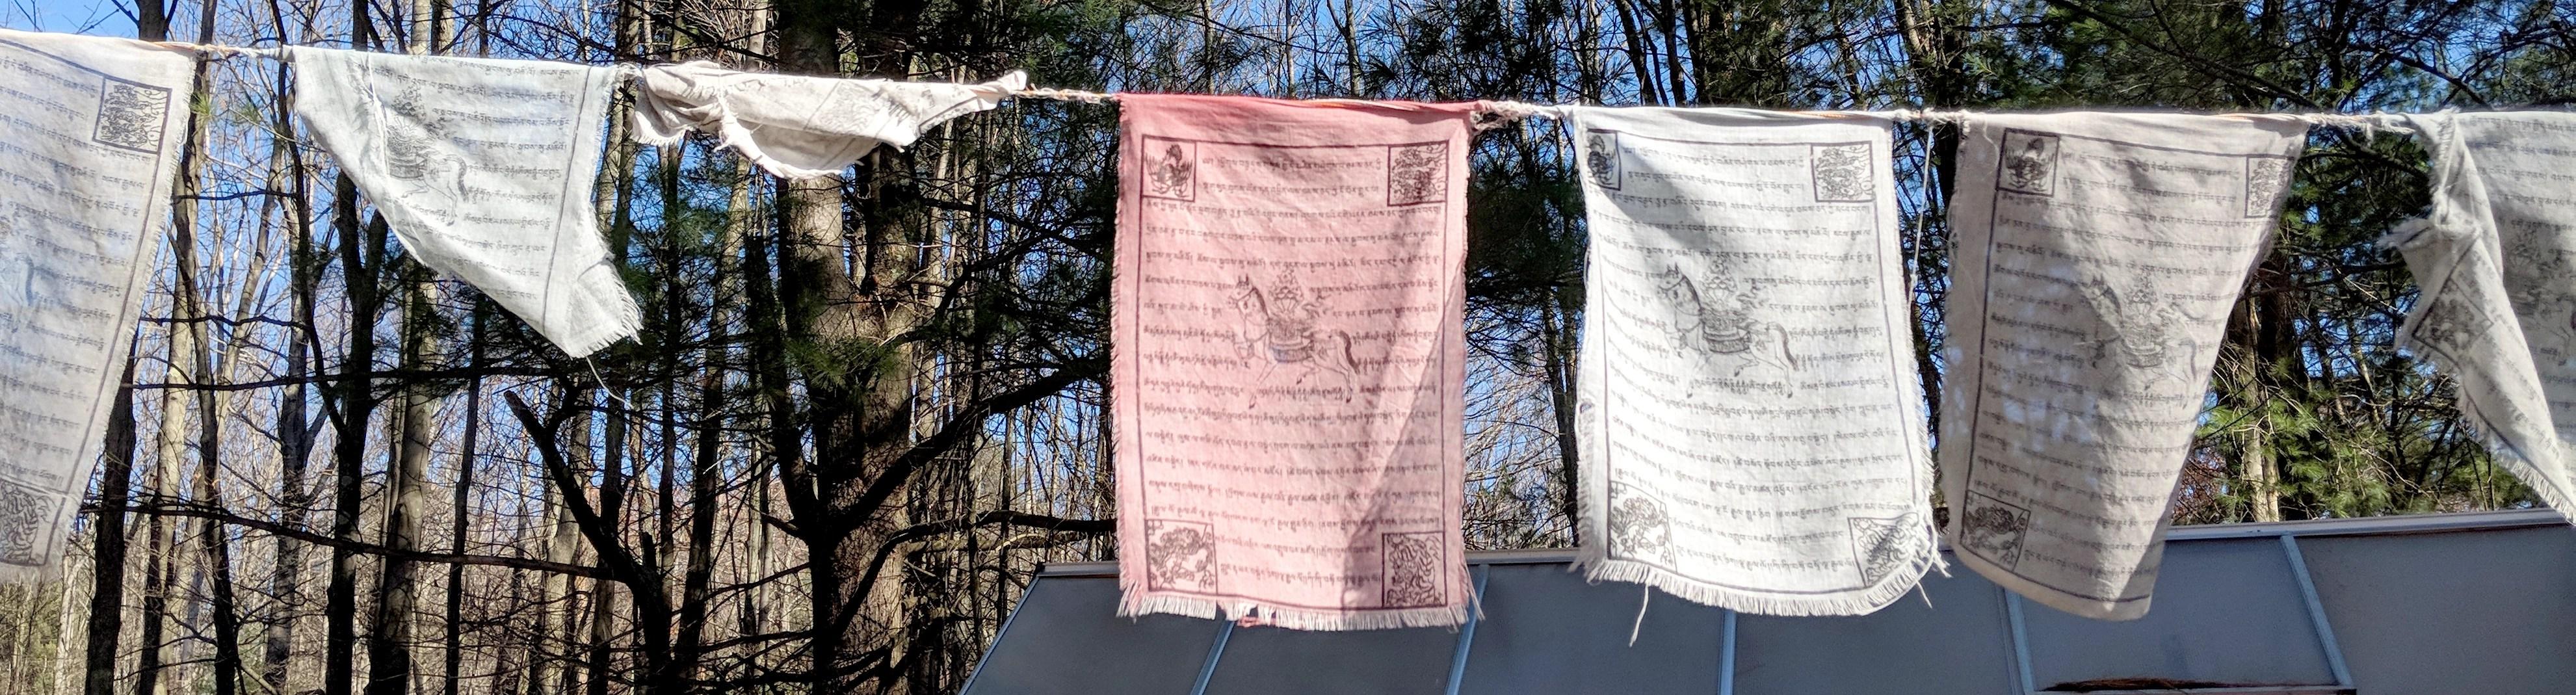 Prayer flags fly over the farm